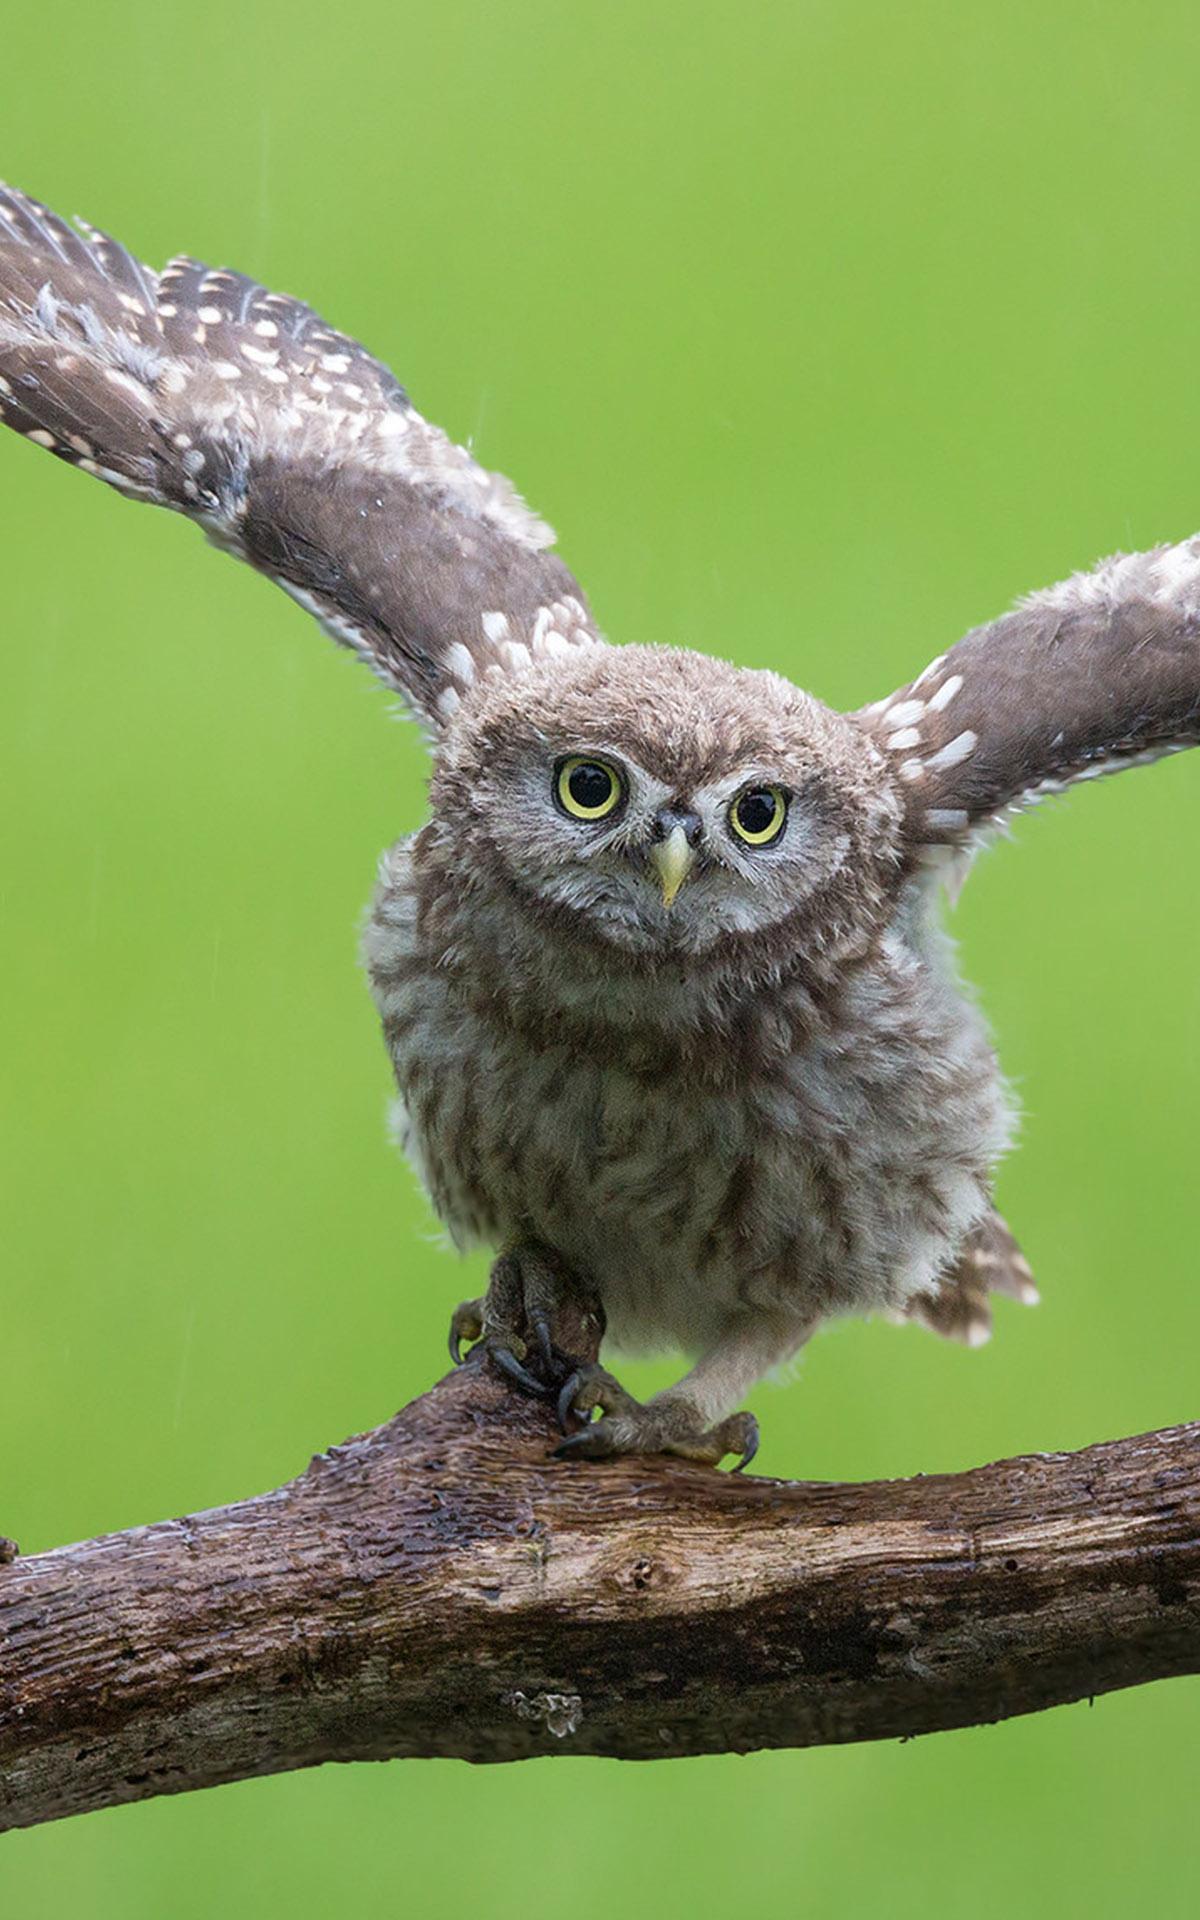 Красивые и классные картинки птиц на телефон на заставку - сборка 16